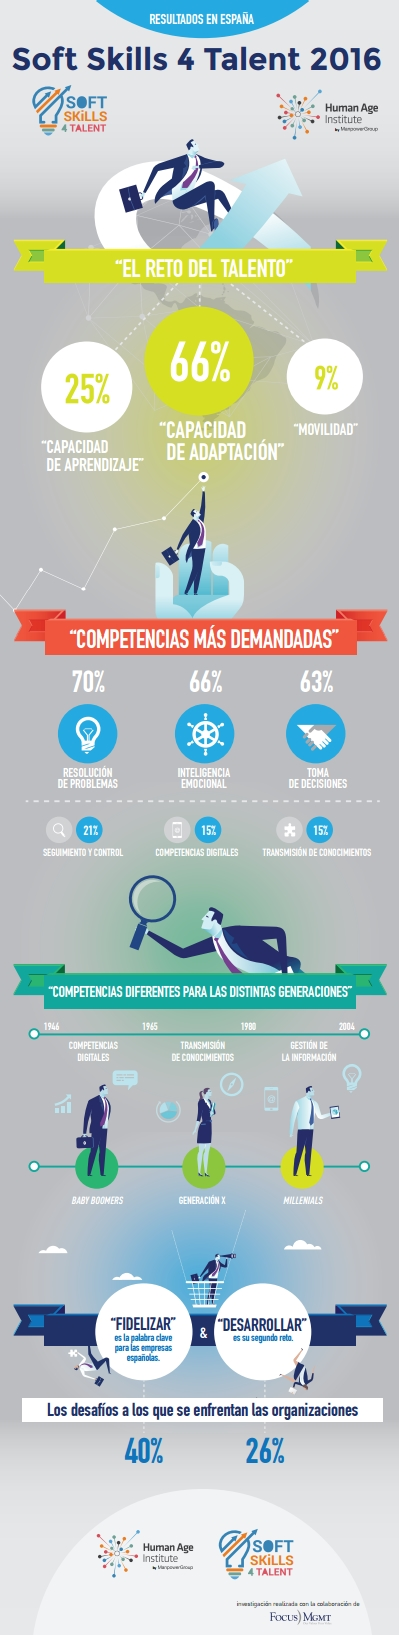 ¿Cuáles son las 'competencias blandas' (soft skills) más demandadas por las empresas?  #rrhh #empleo #desarrollo #competencias